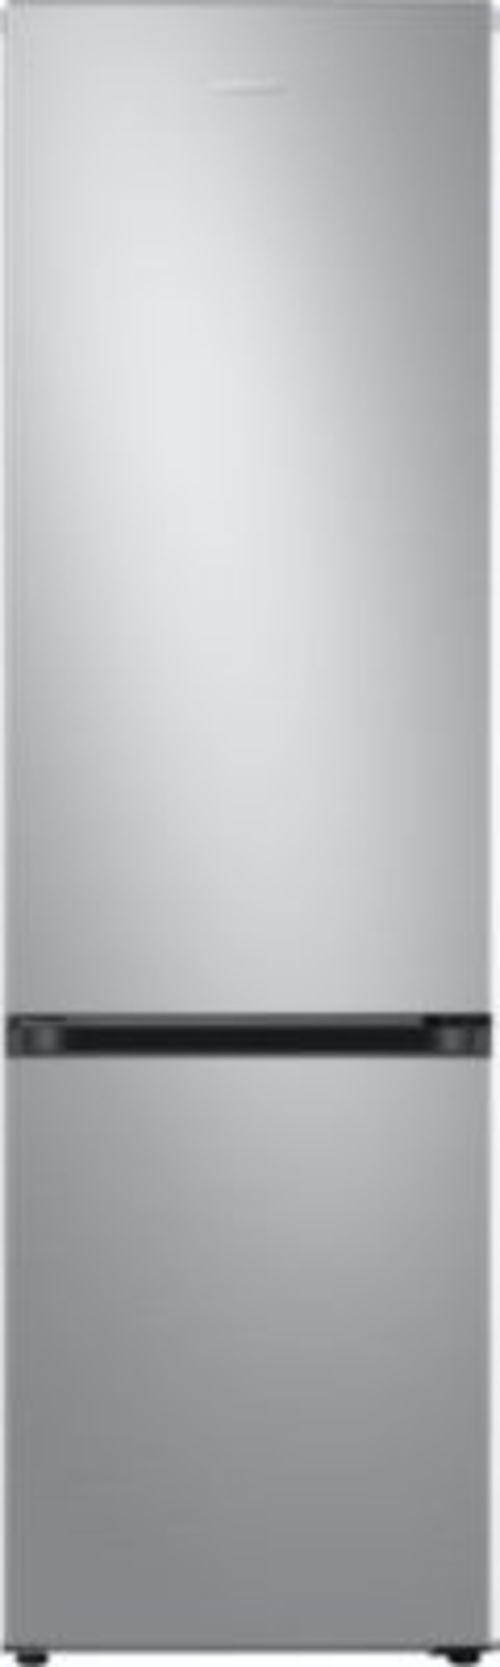 Réfrigérateurs congélateurs (combinés et 2 portes) - Samsung RB38T602CSA (Inox)